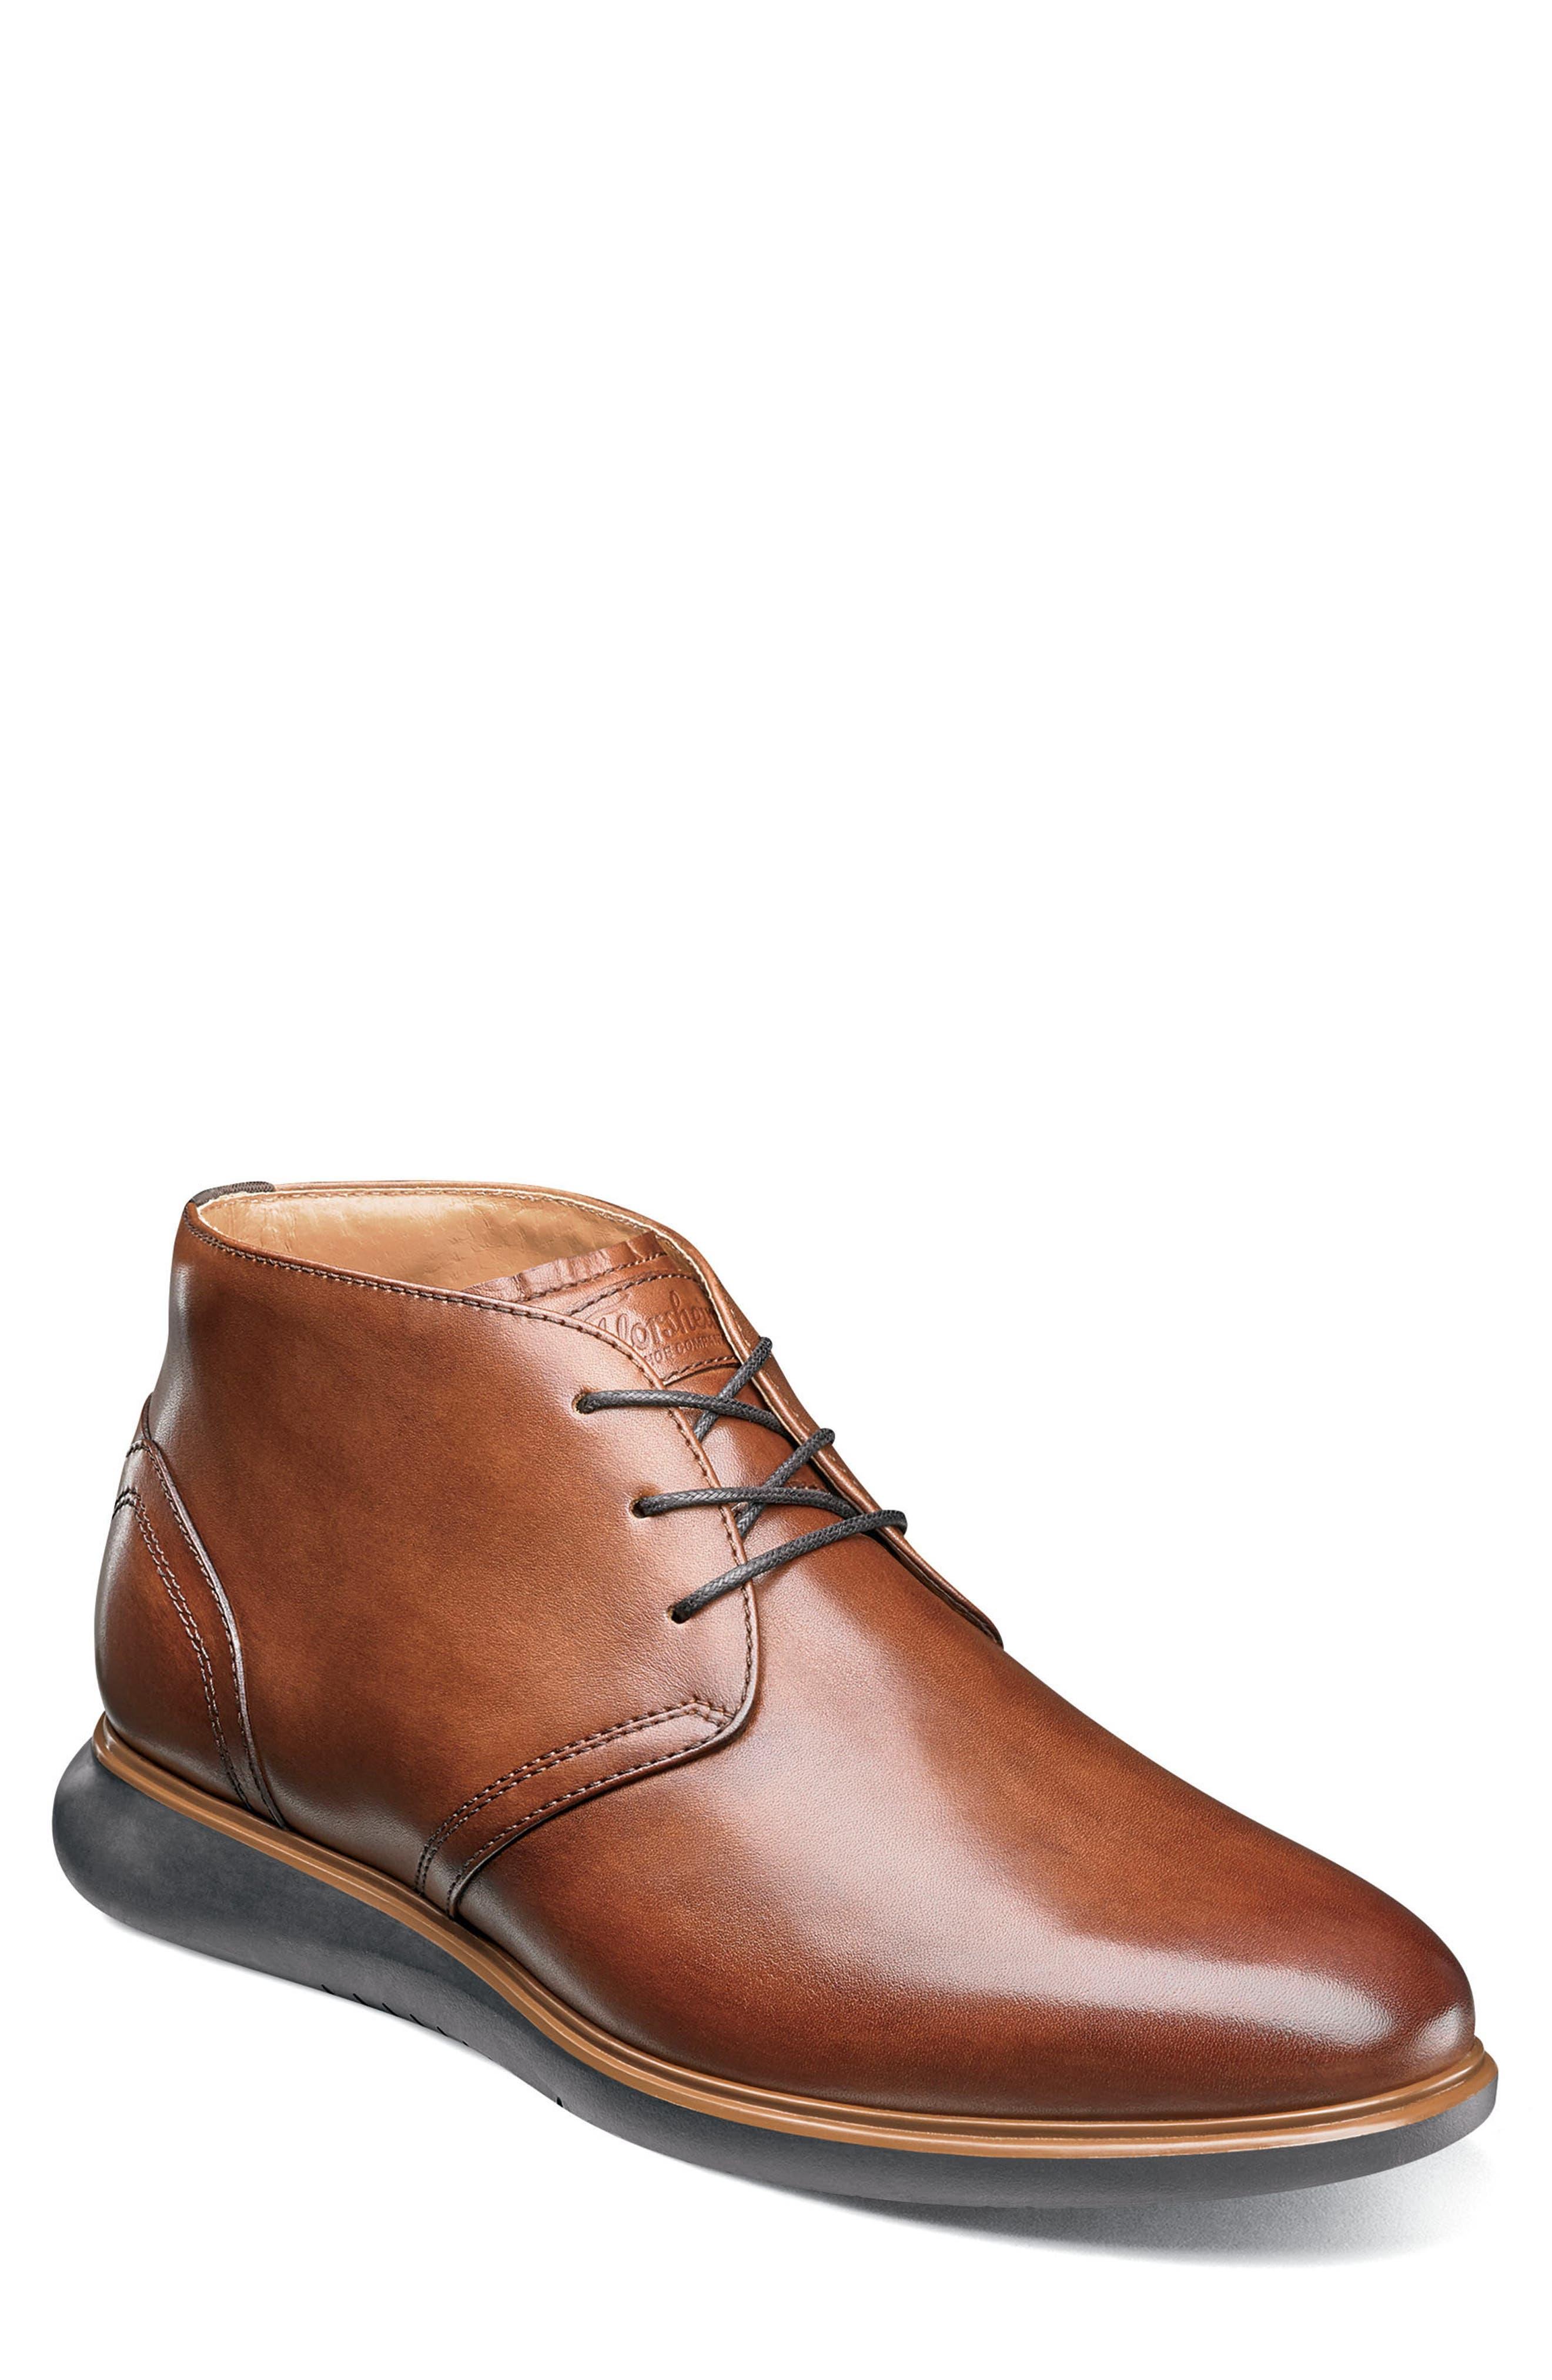 Florsheim Fuel Chukka Boot - Brown